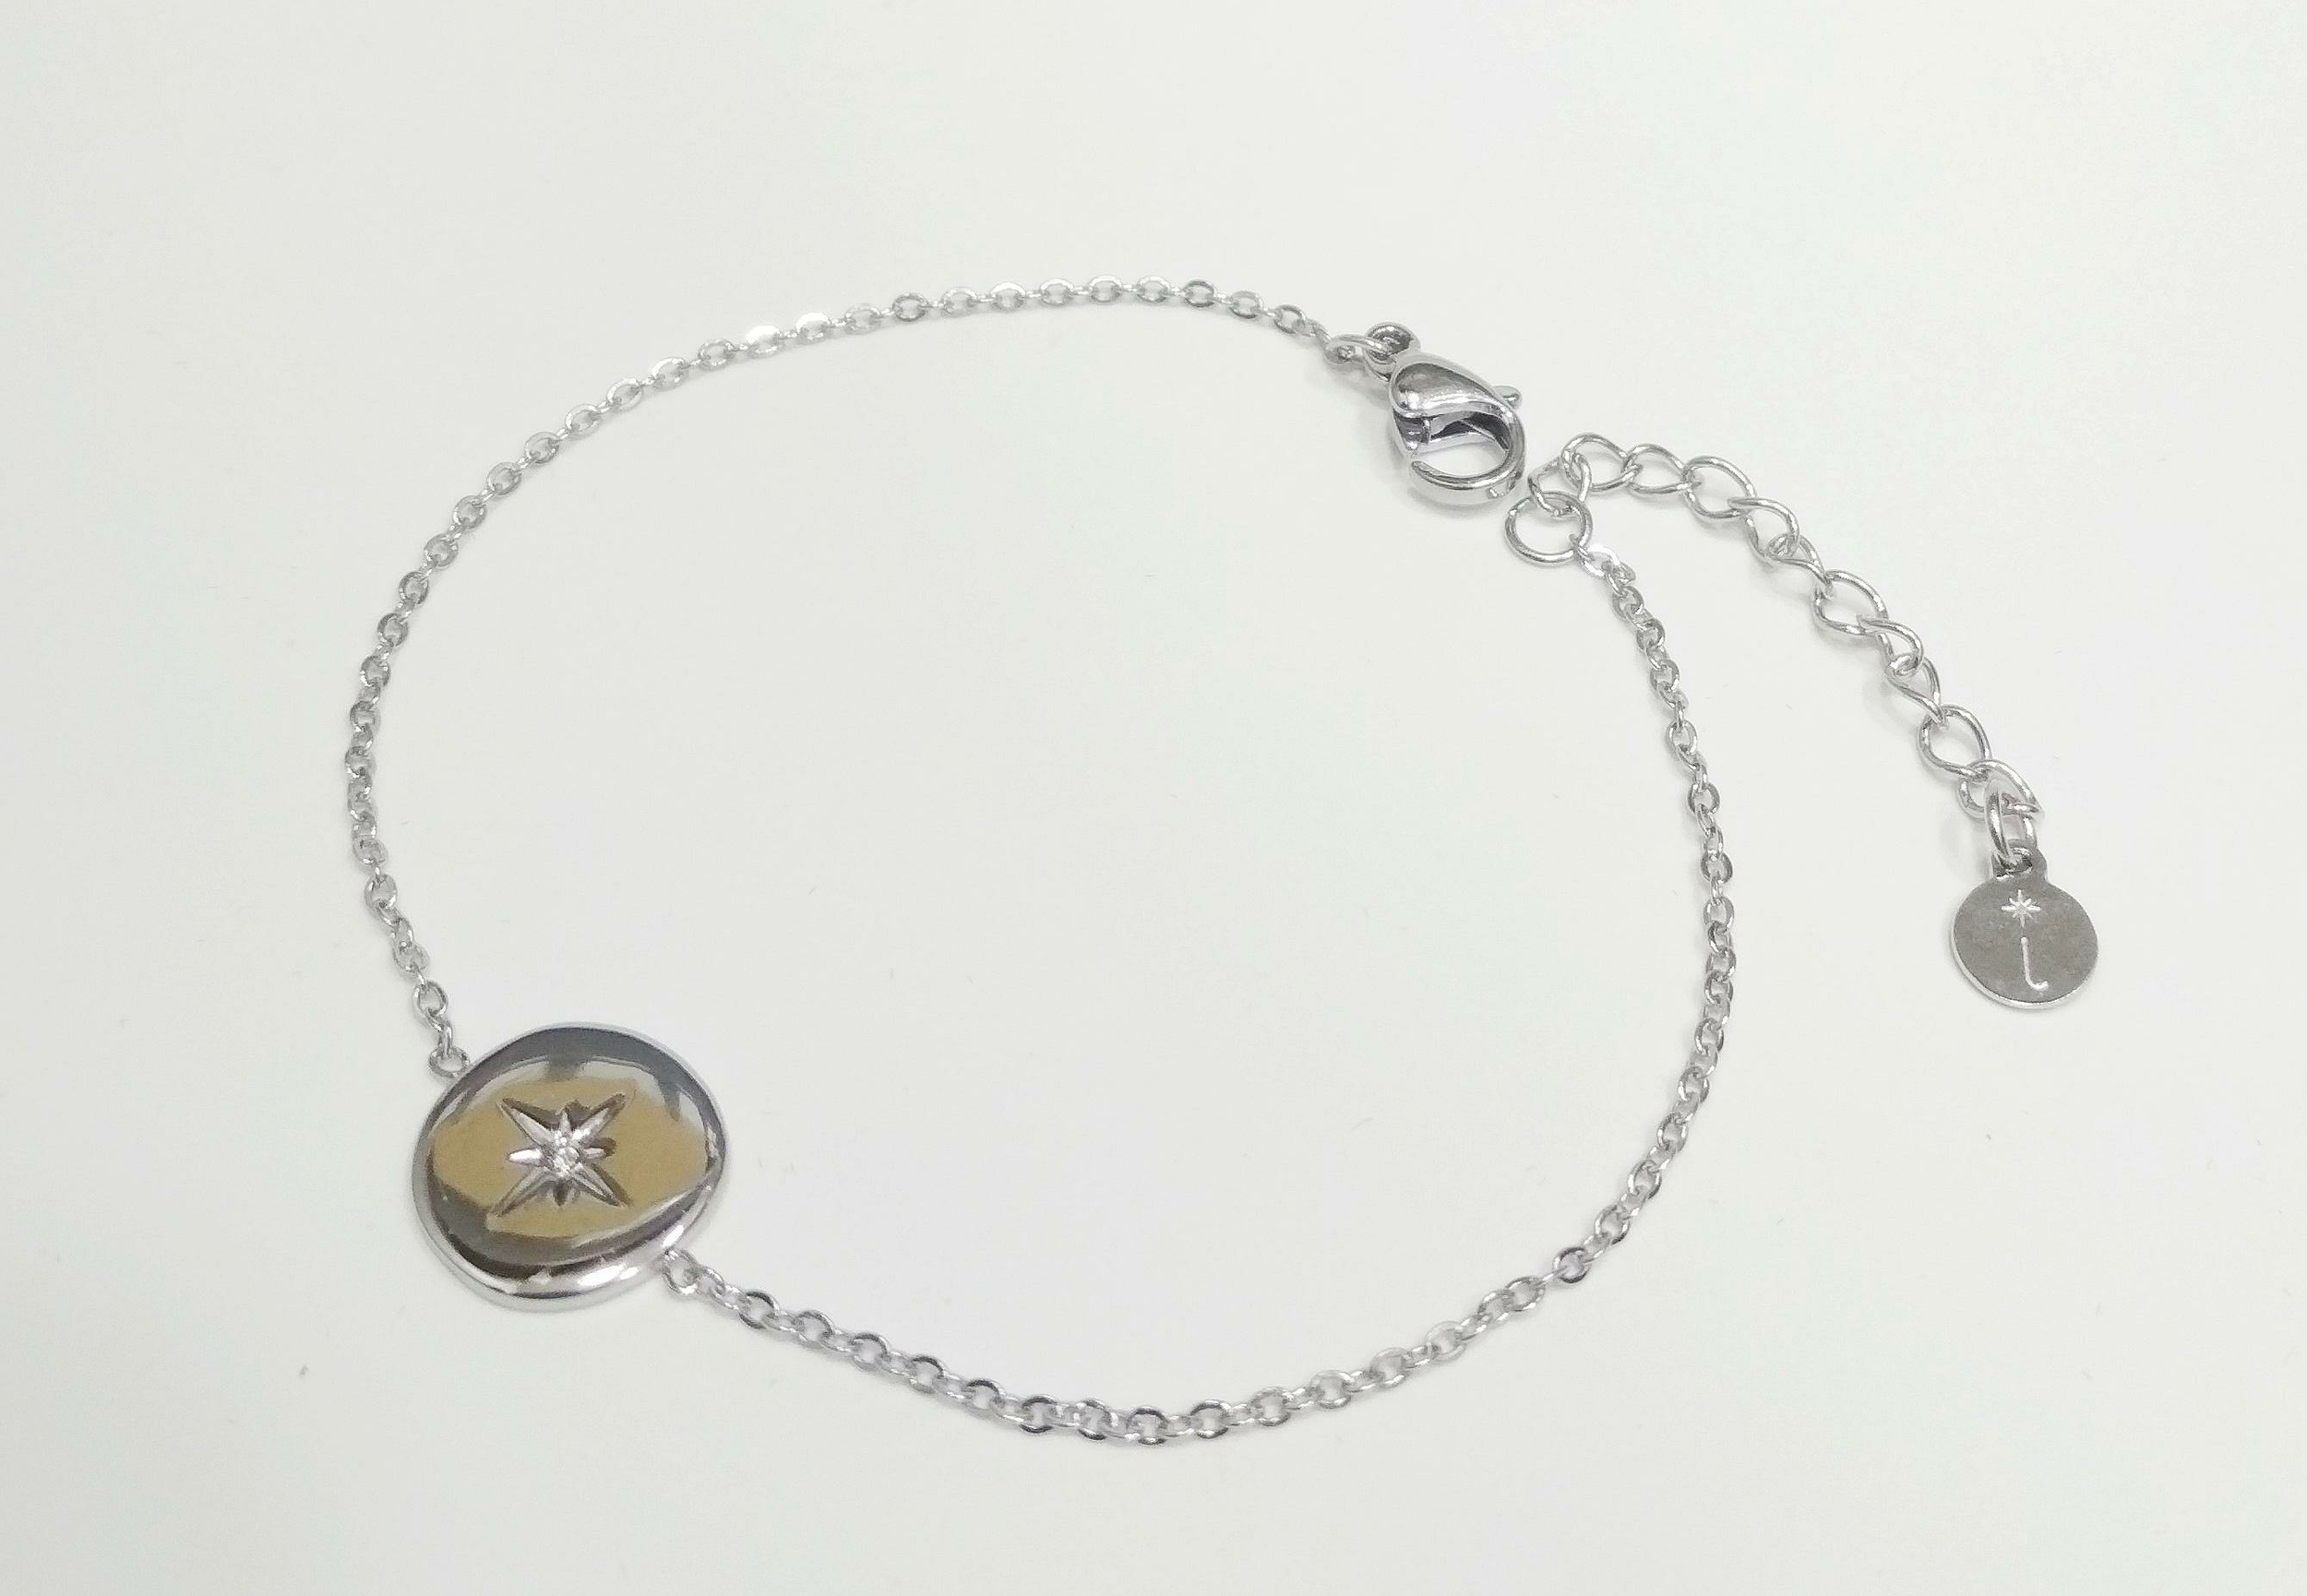 Bracelet argenté chaîne avec étoile strass